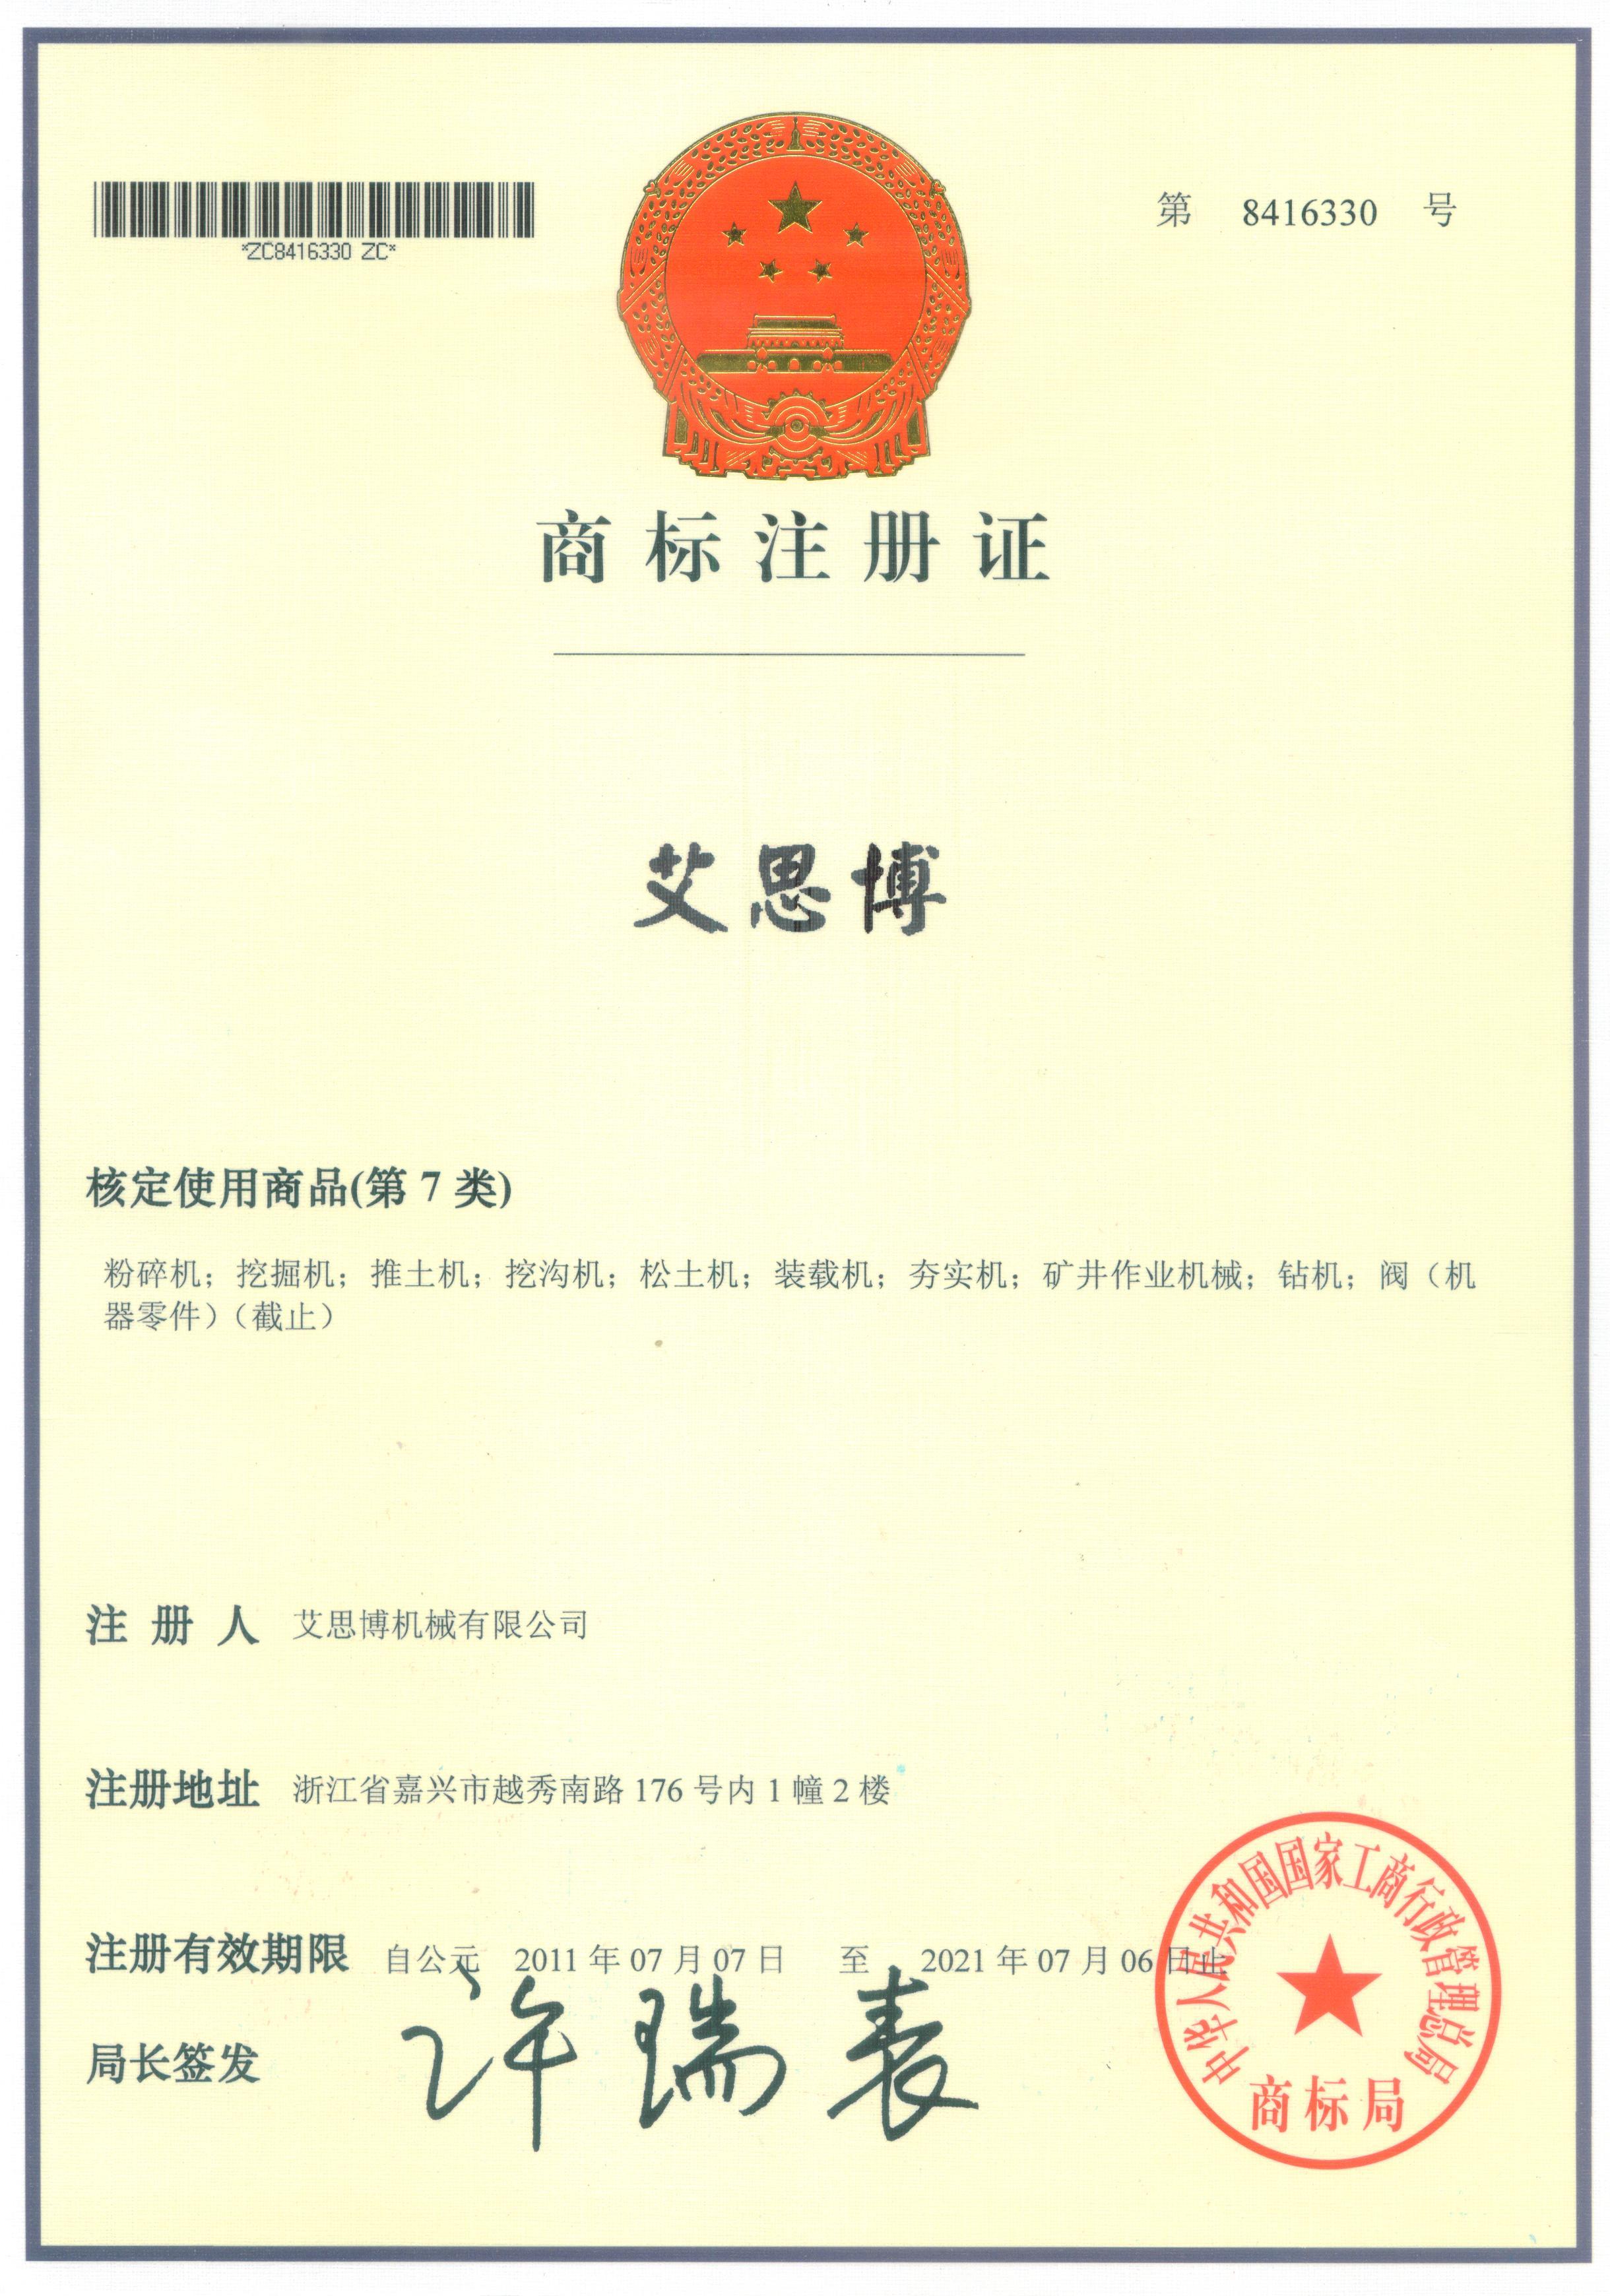 艾思博注册商标